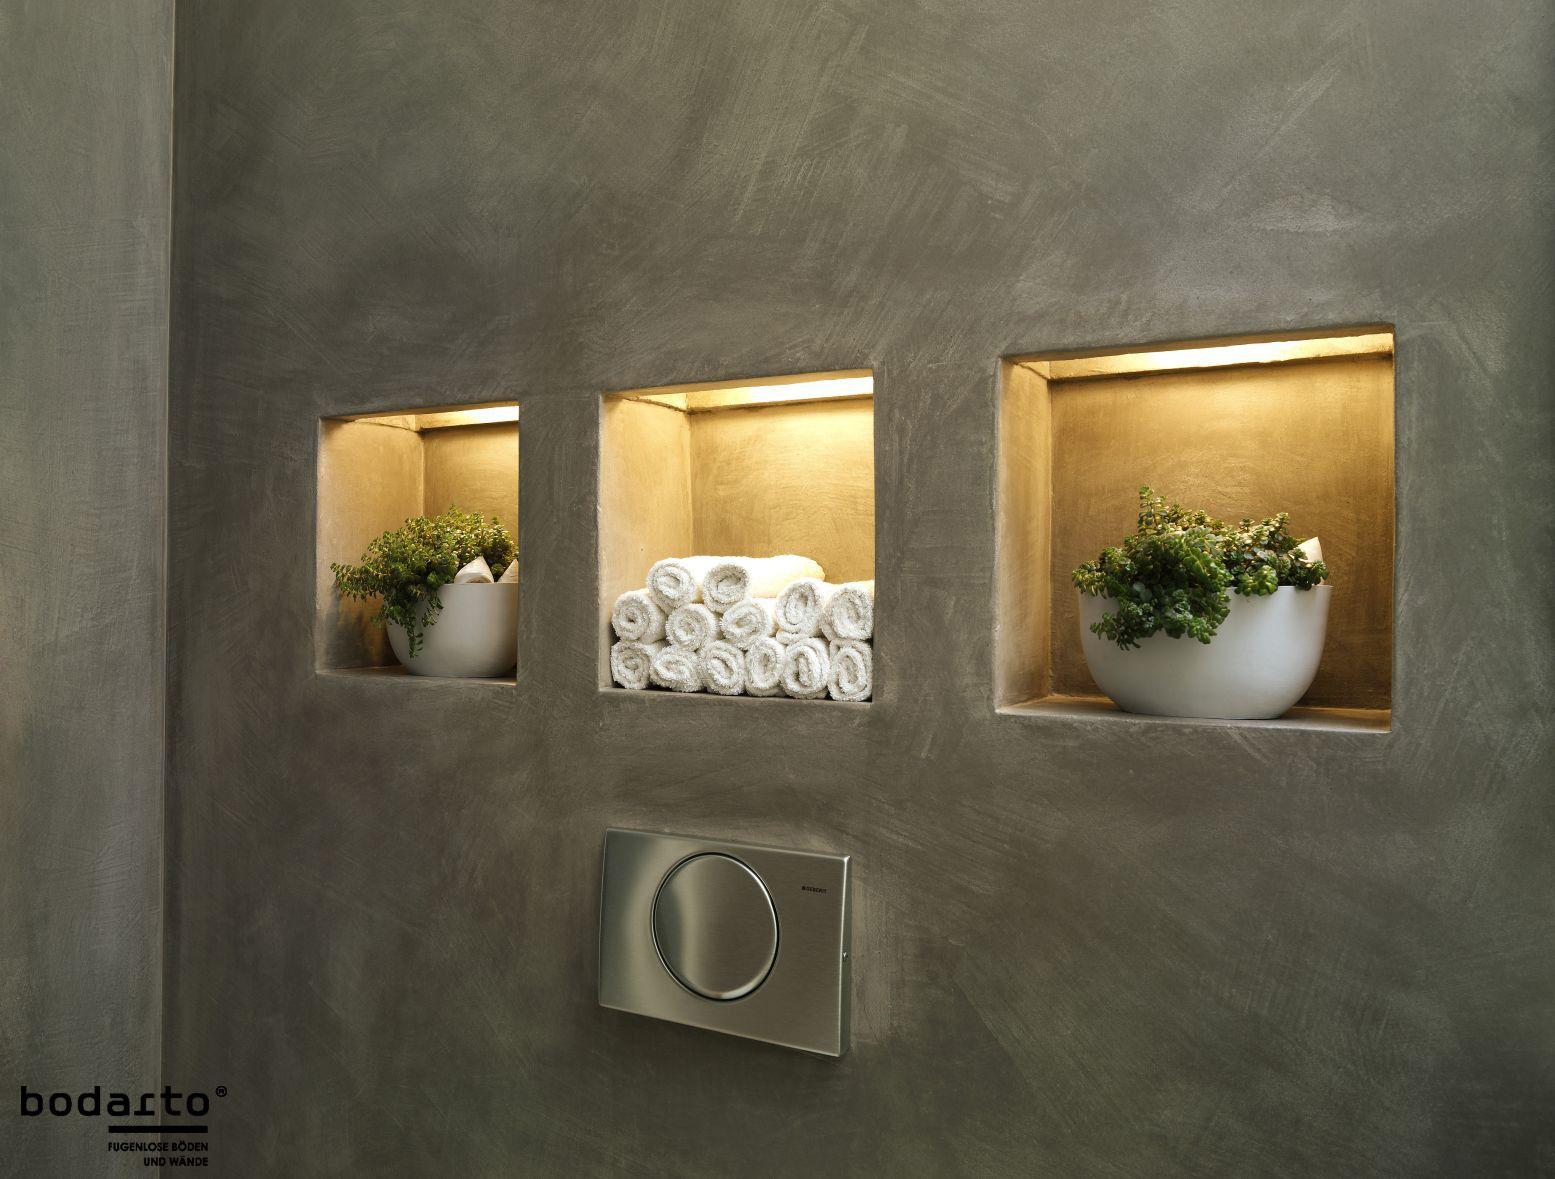 Wandbelag schlammfarbig mit spezieller Struktur. Bodarto